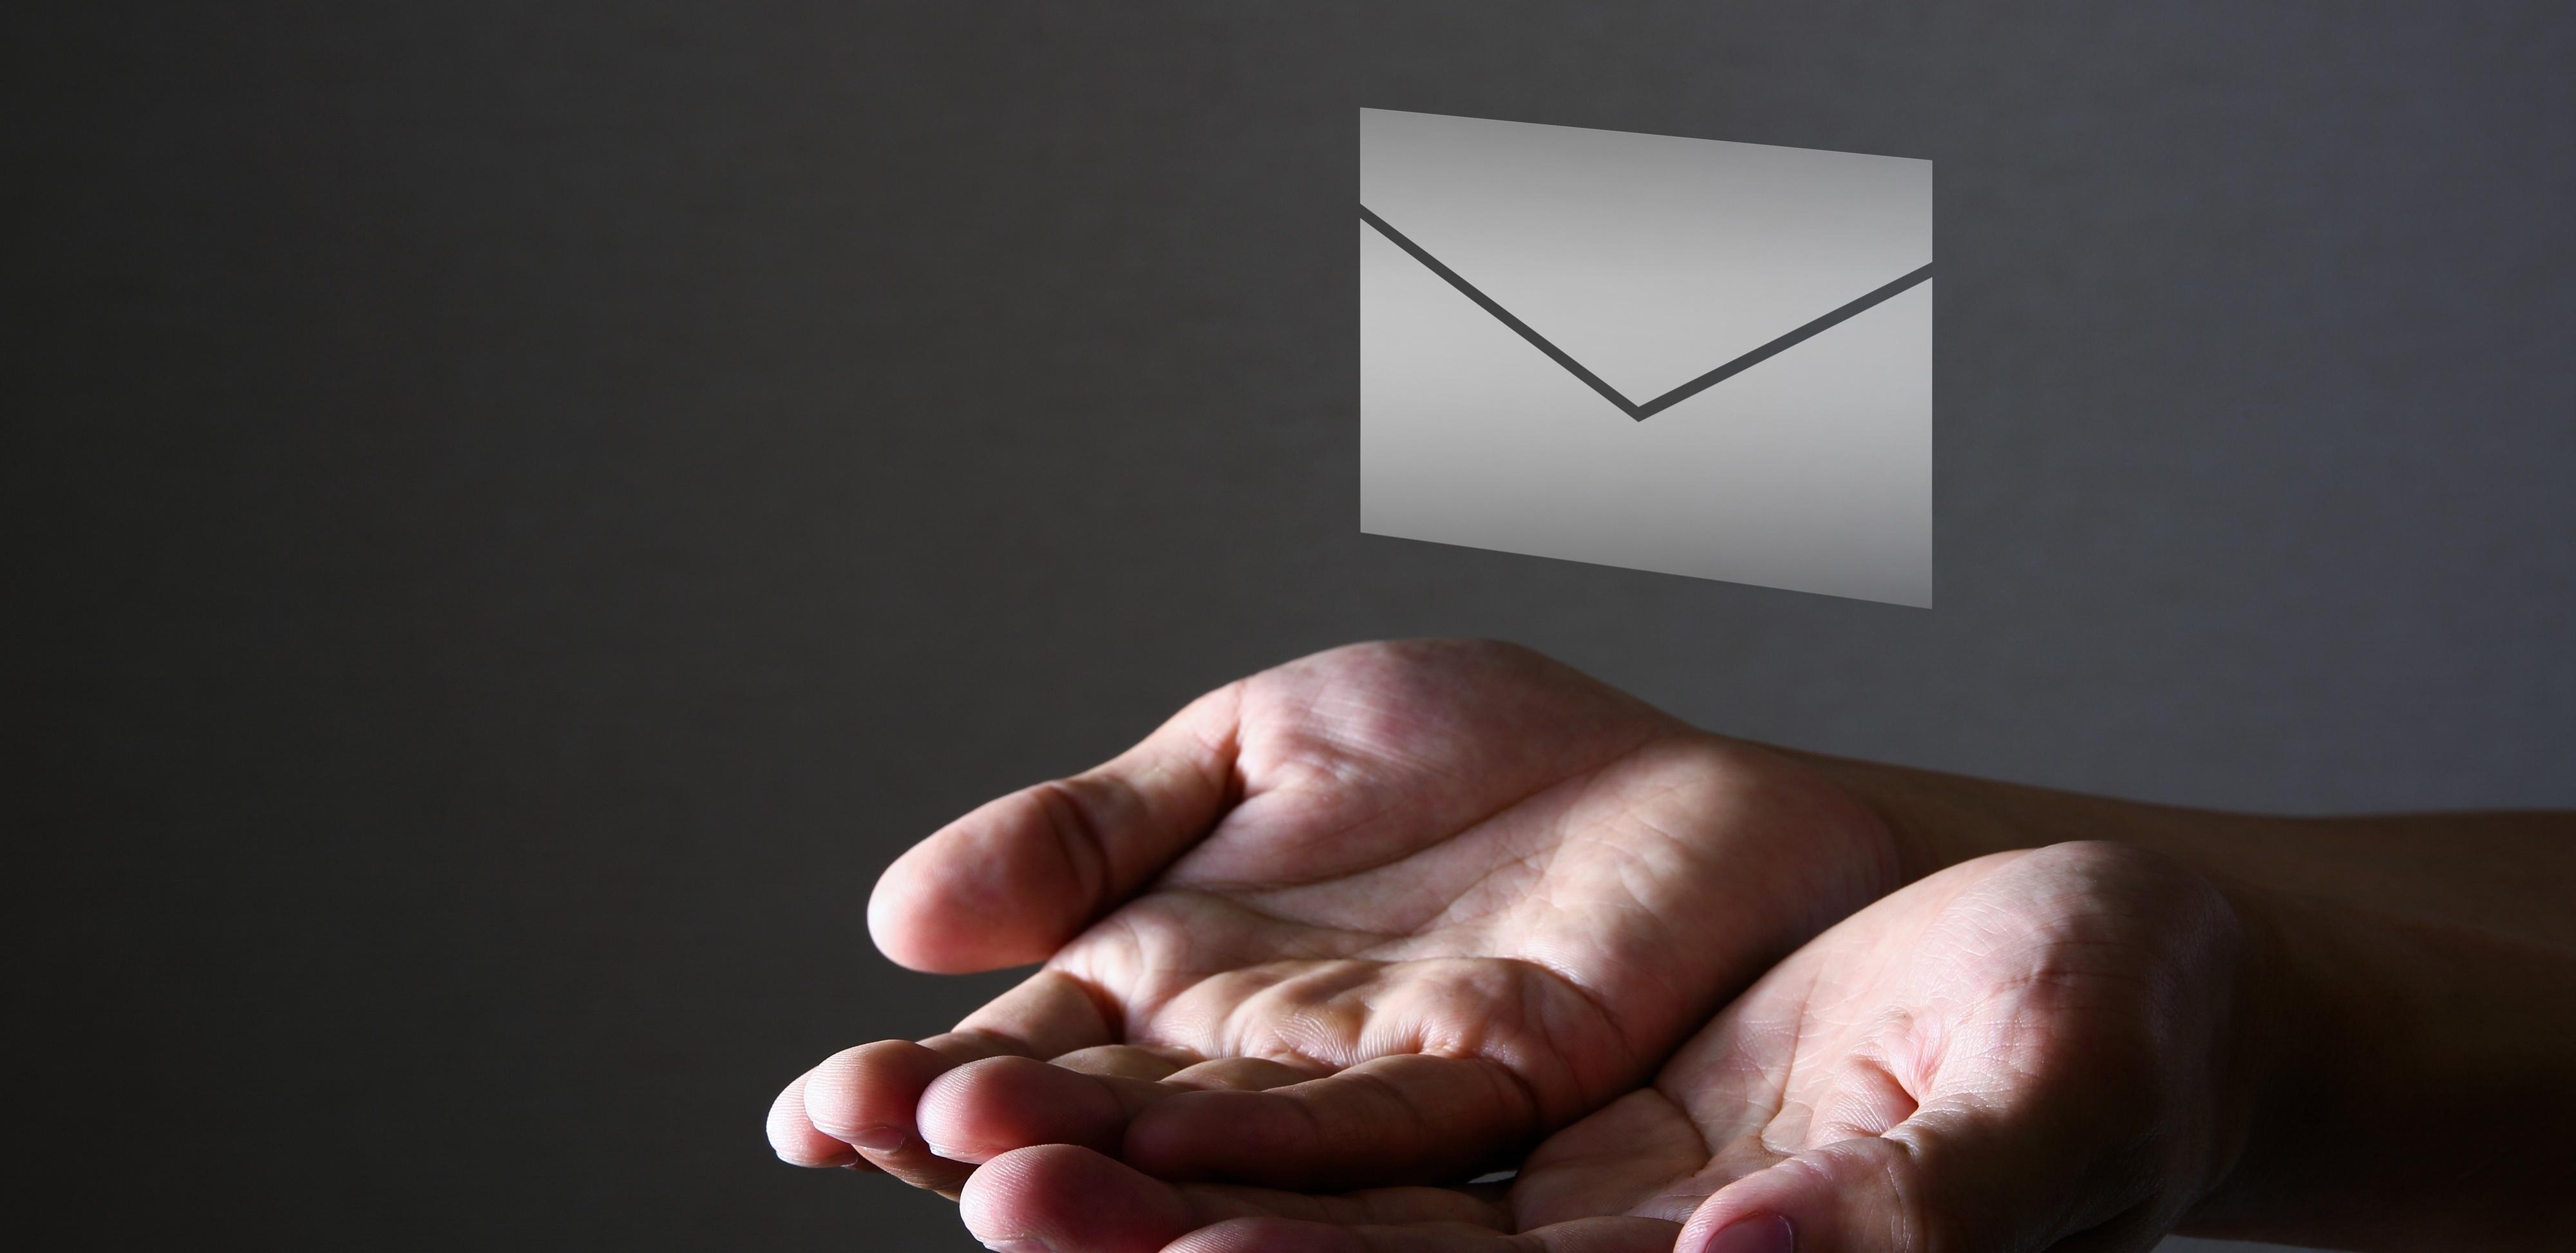 マーケティング担当者が頭を悩ます提案、依頼、紹介Eメールの書き方のヒント【無料テンプレート付】